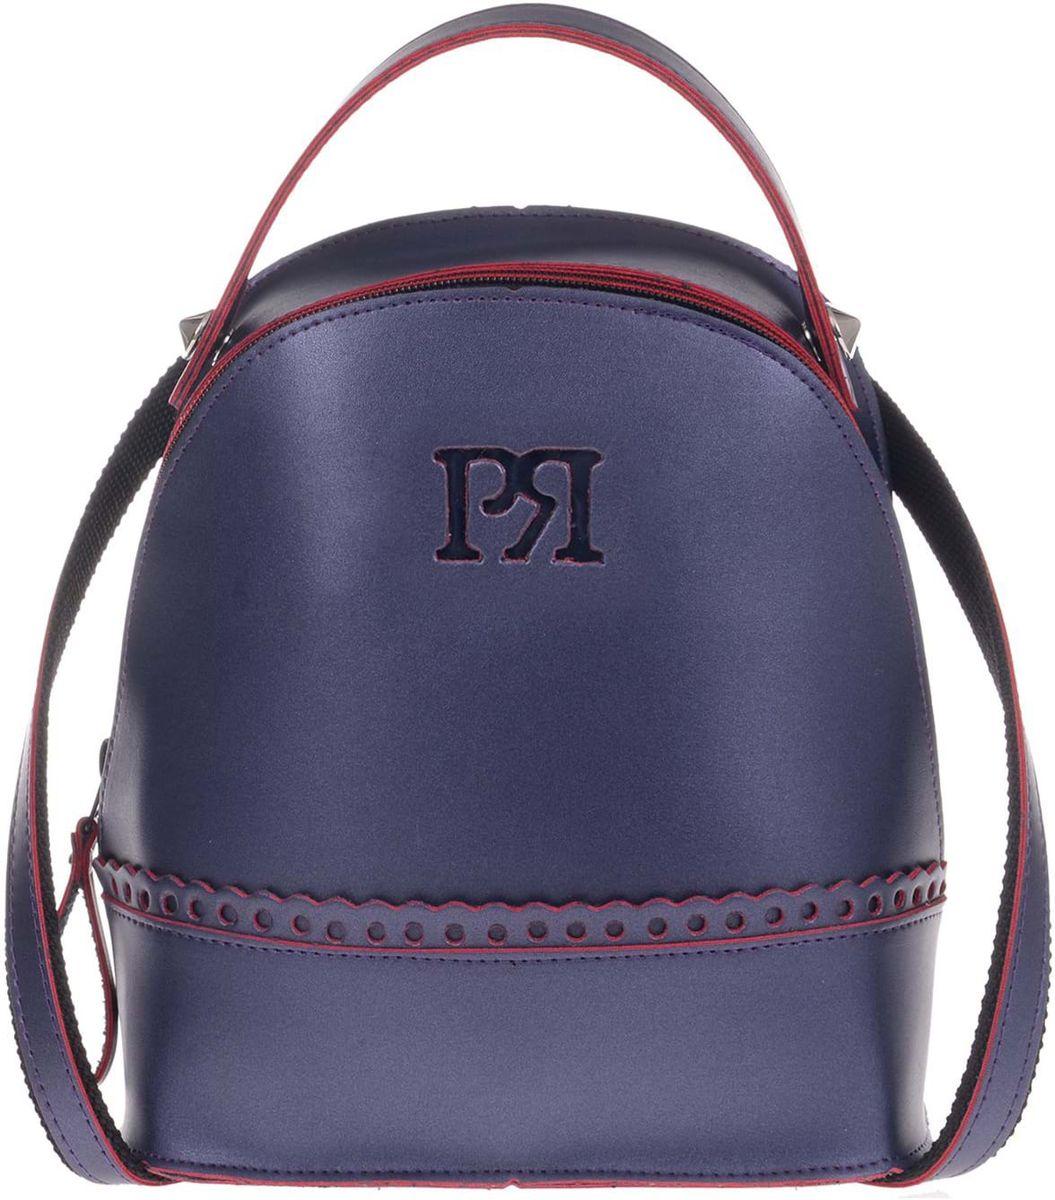 Γυναικείo σακίδιο πλάτης Pierro Accessories 90469EC-05 Μπλε γυναικείες τσάντες   τσάντες πλάτης